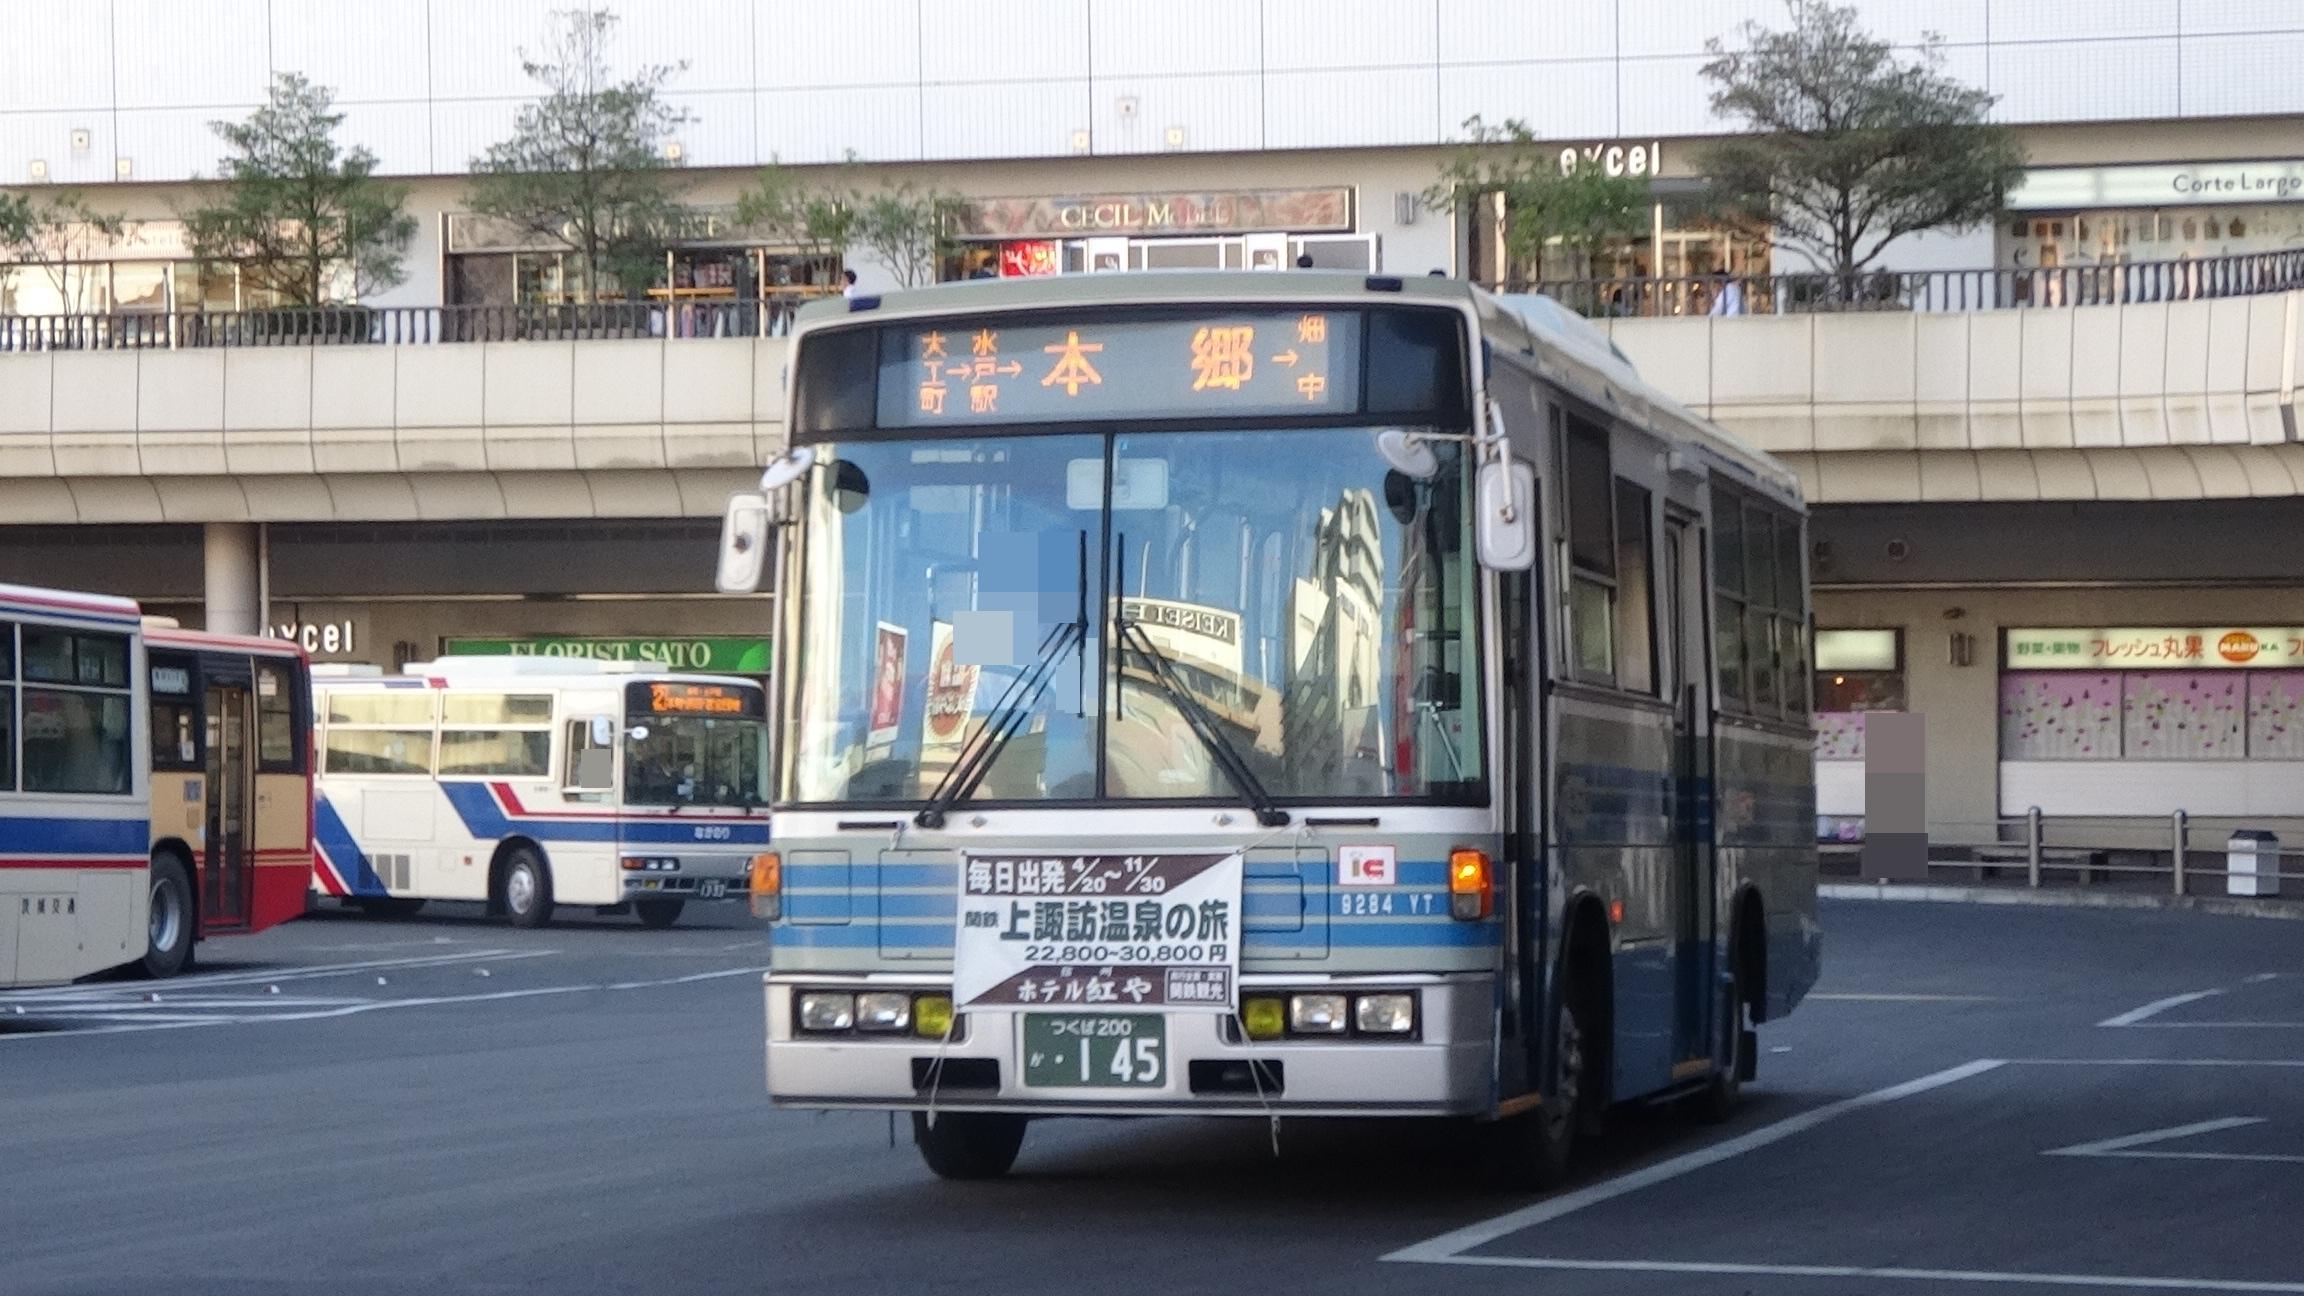 乗り物と旅行のBLOG 関東鉄道 9284MT 日産ディーゼル工業 RM(FHI)